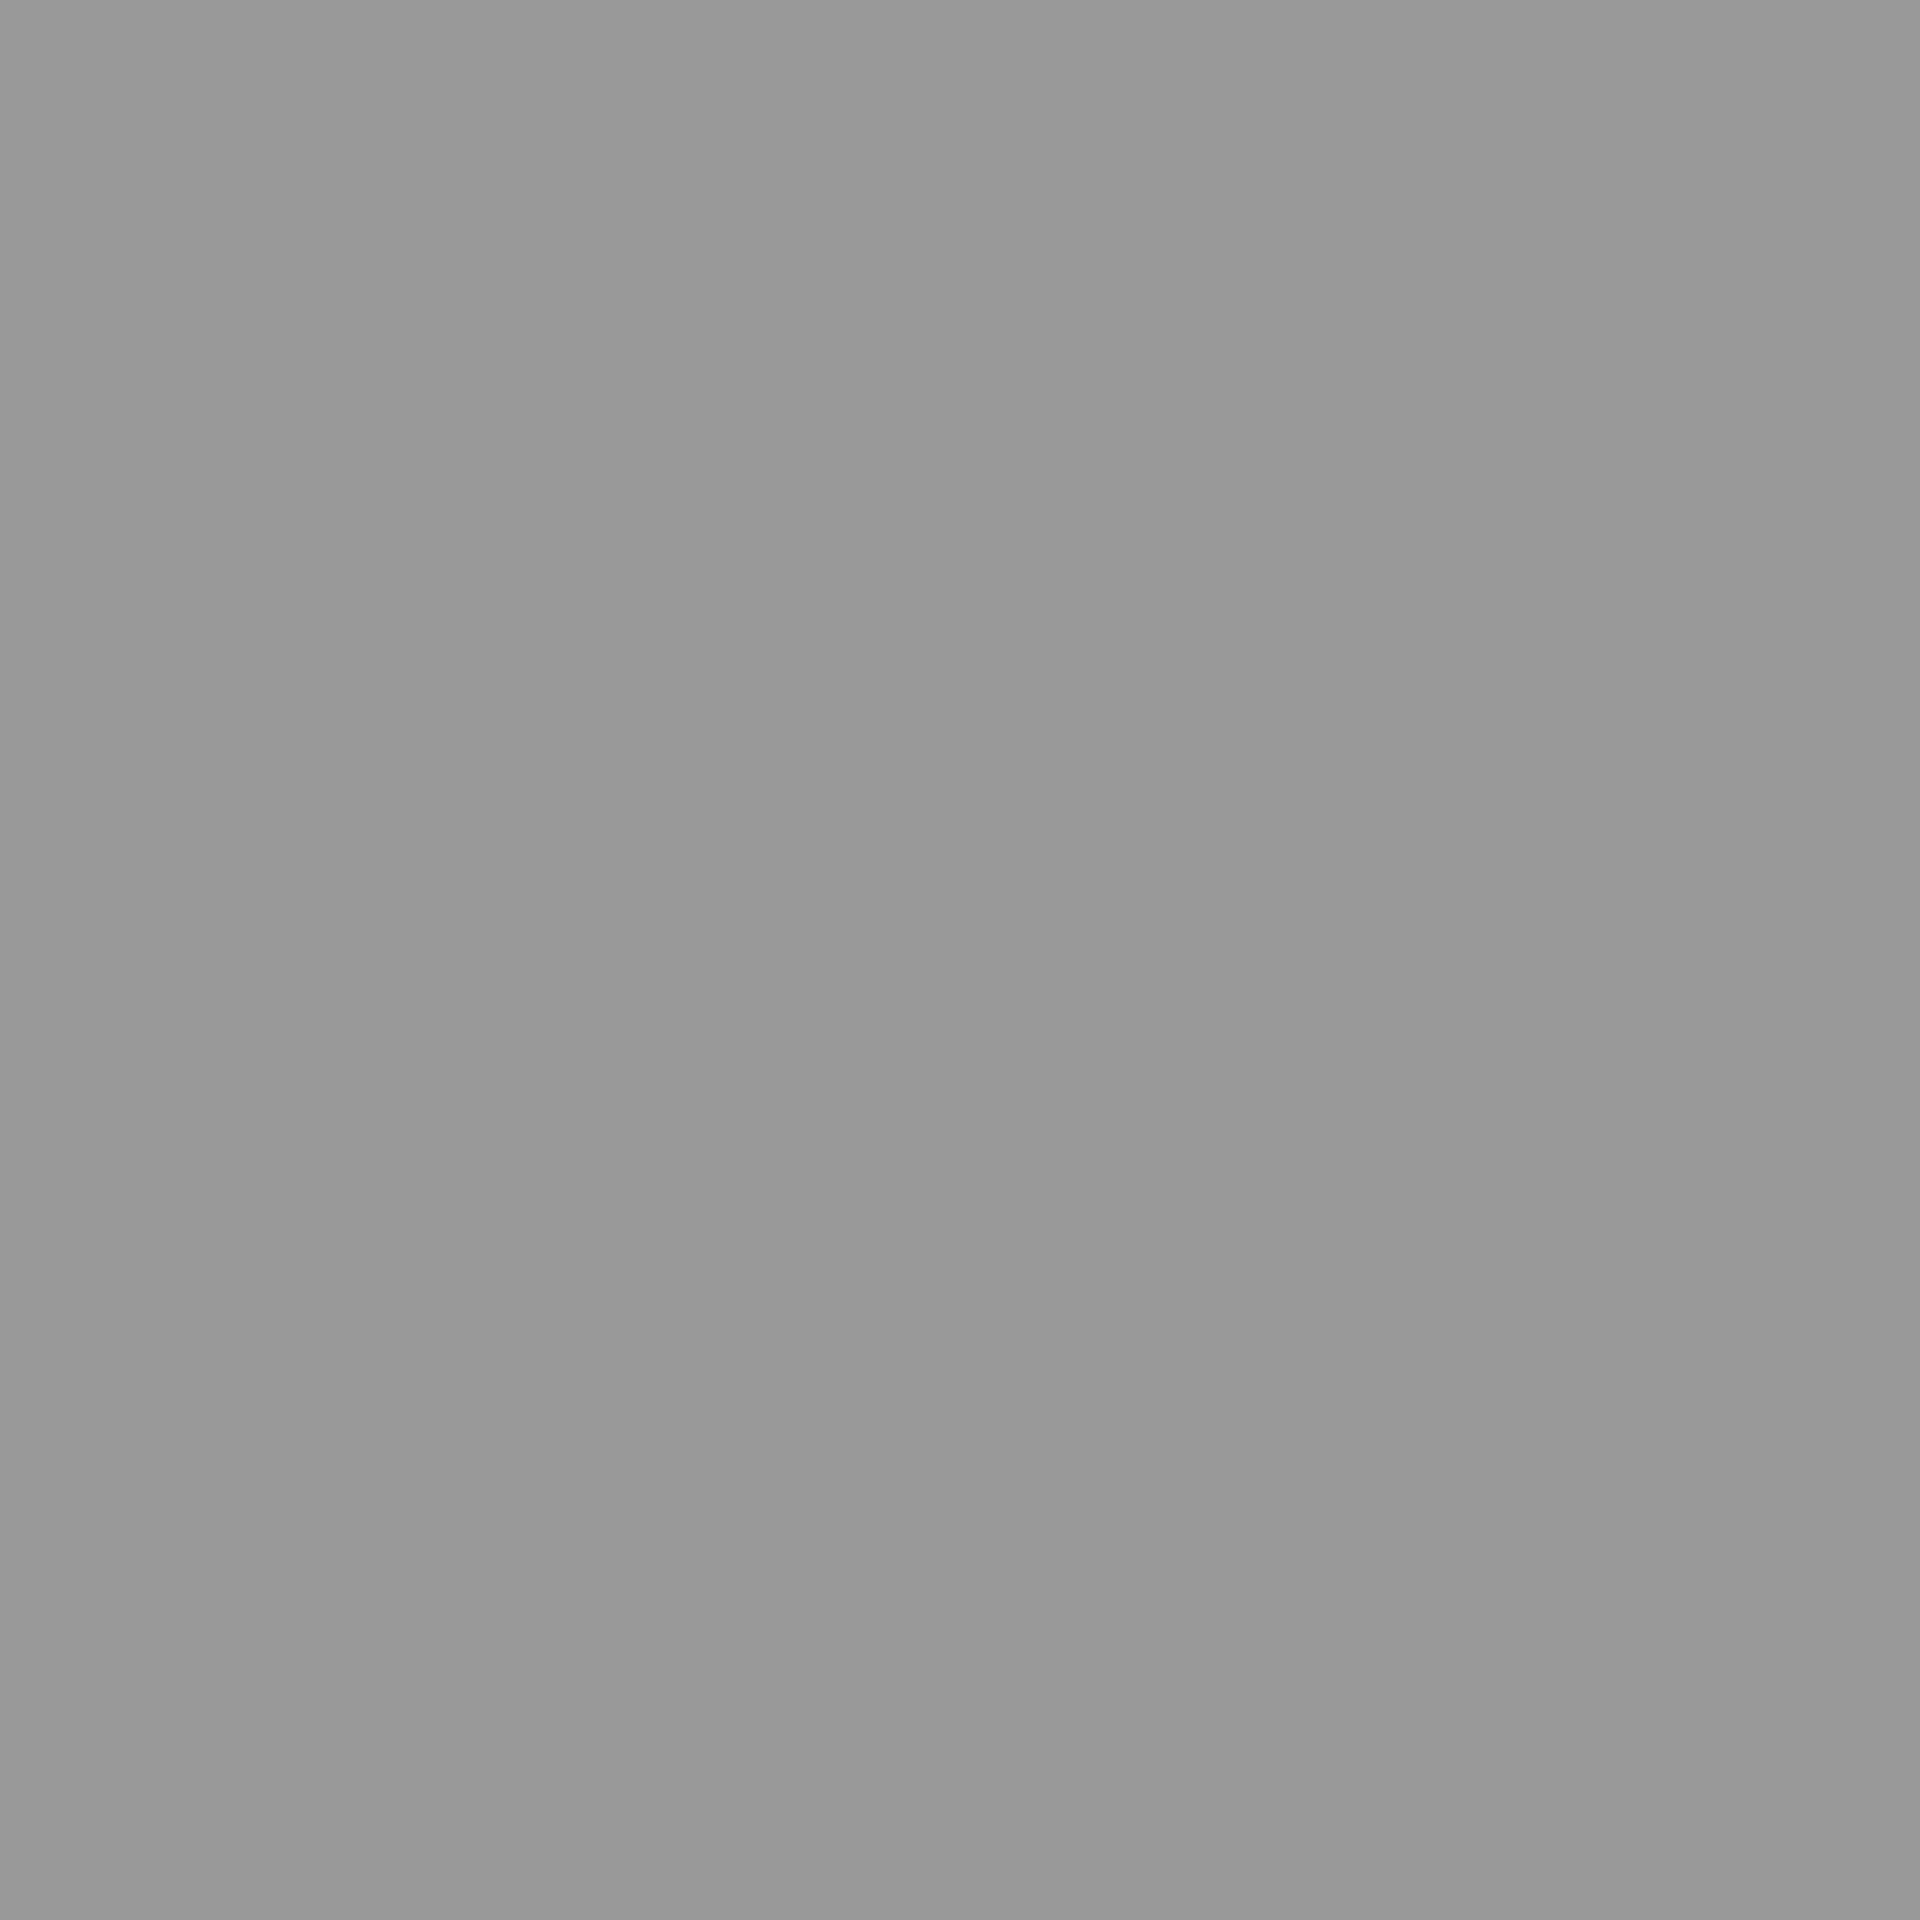 light gray block